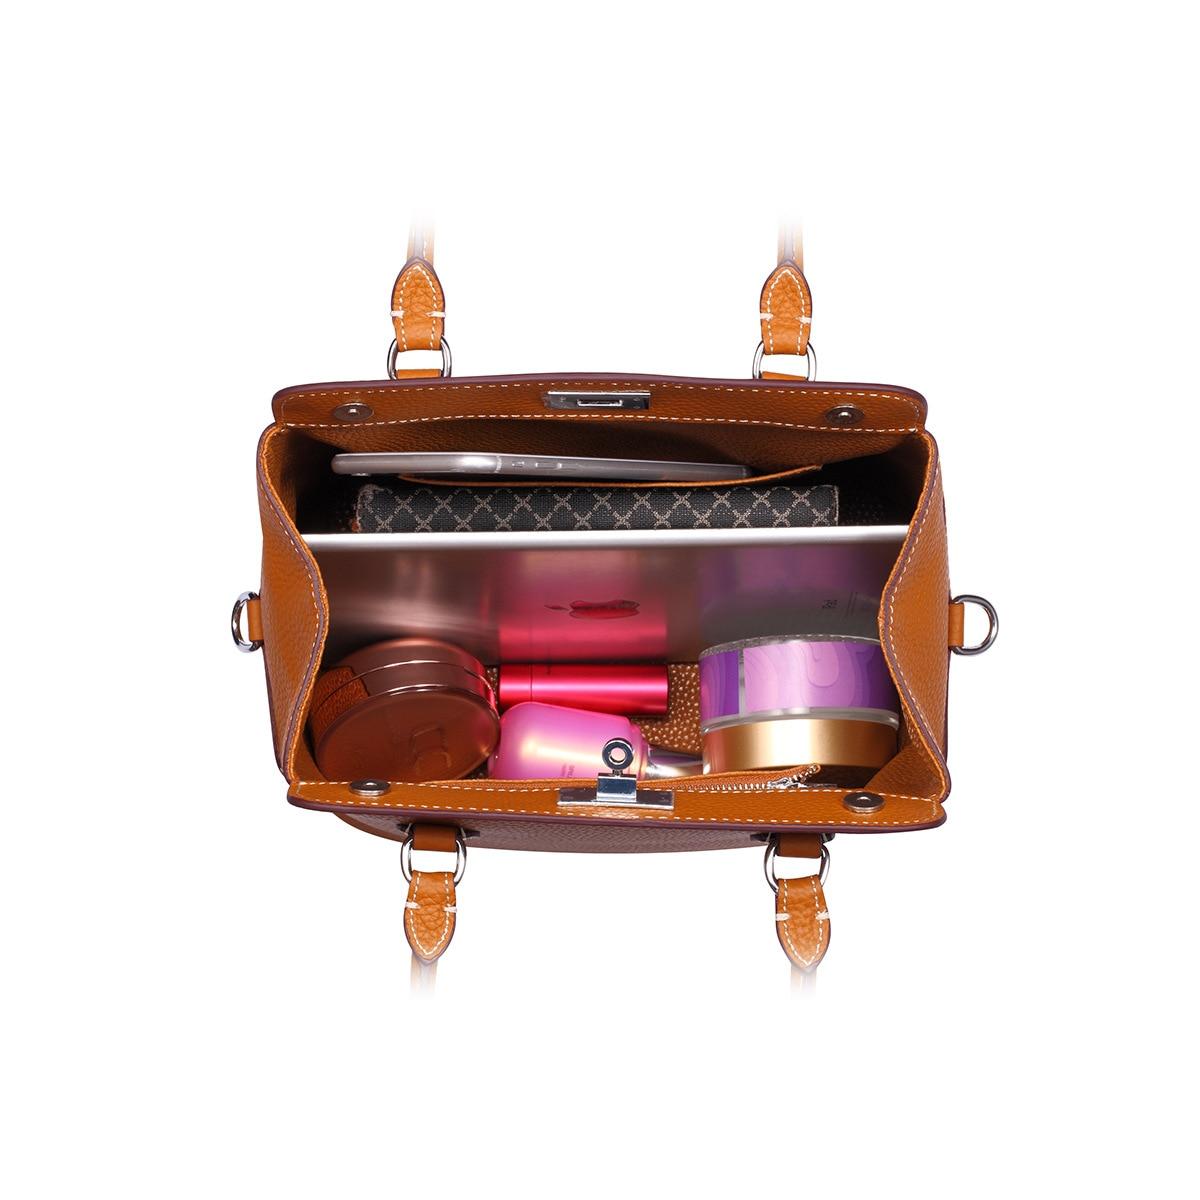 Anpassen Neue Luxus rosa rot Marke Kapazität 2018 Logo 9201 Frauen Tote Tasche brown 1 dunkles like Feminina Kuh Show Handtaschen Handtasche Photo grau blau Bolsa Große Grau Leder orange Schwarzes d87x48